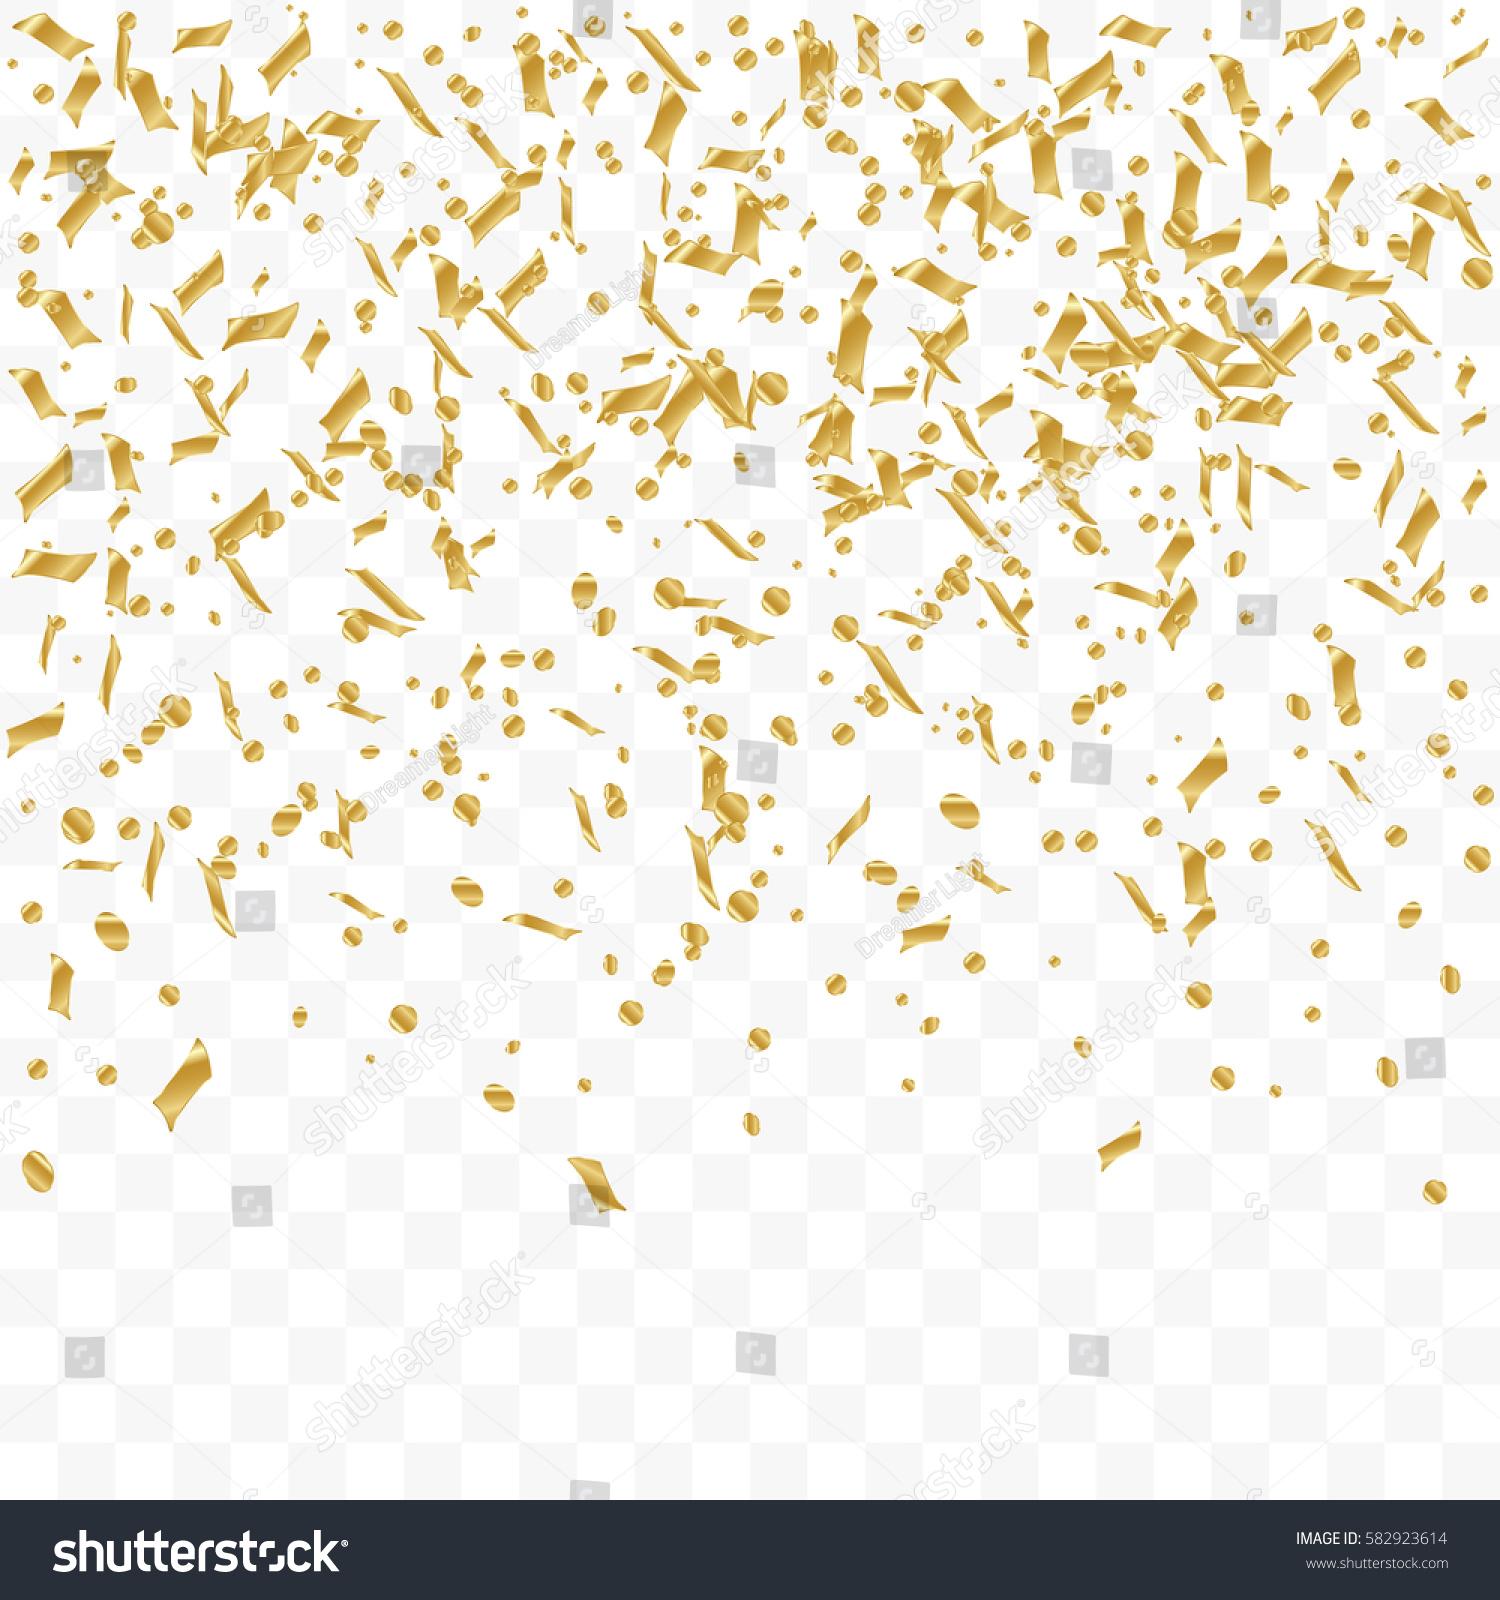 Confetti background vector golden confetti background - Golden Confetti Falling On Transparent Background Vector